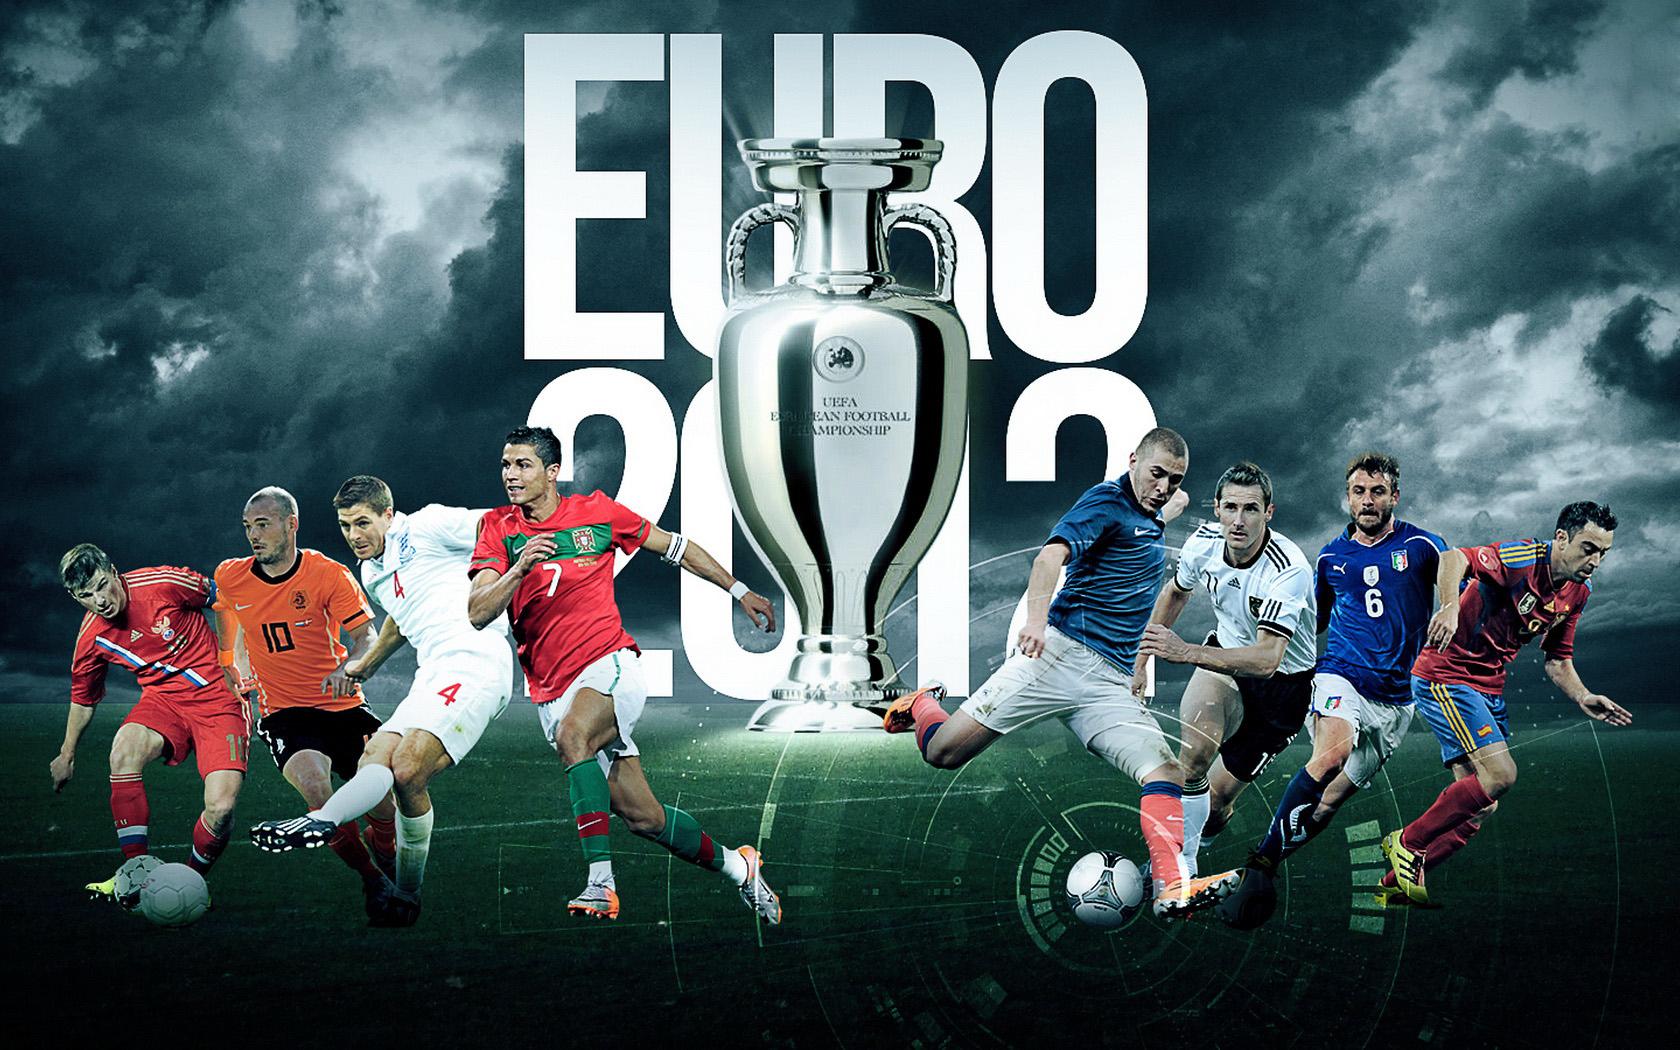 欧洲杯_2016法国欧洲杯官方用球发布贝尔迫不及待